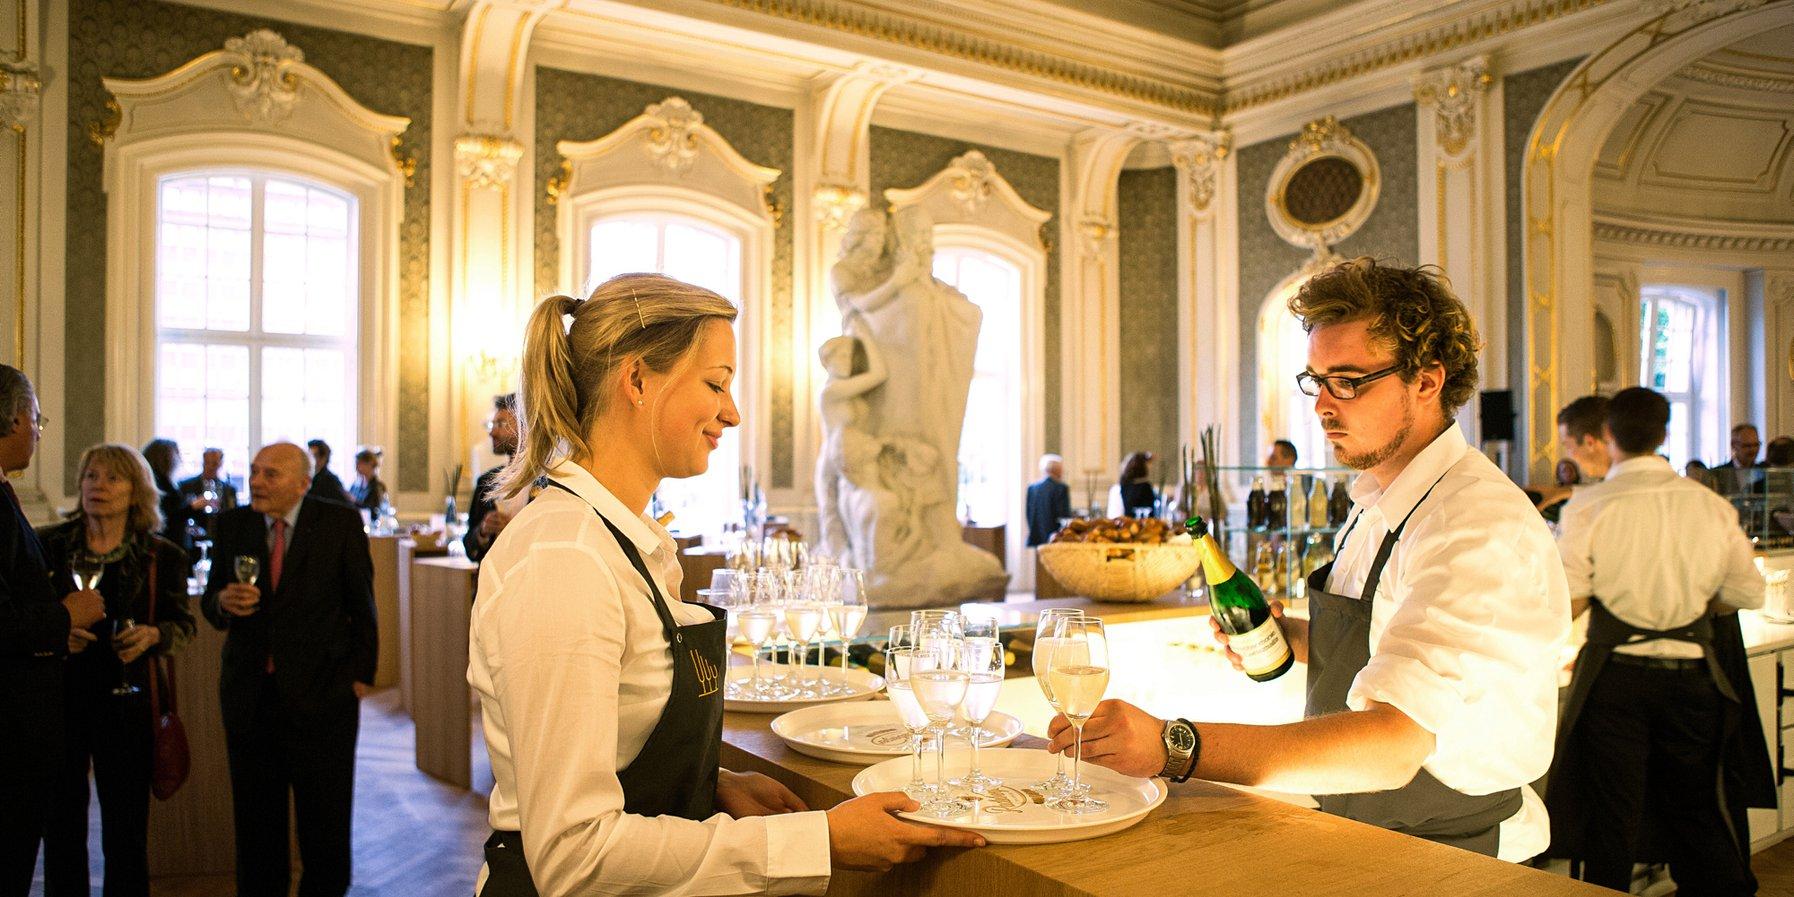 Gastronomie im Brahms-Foyer der Laeiszhalle